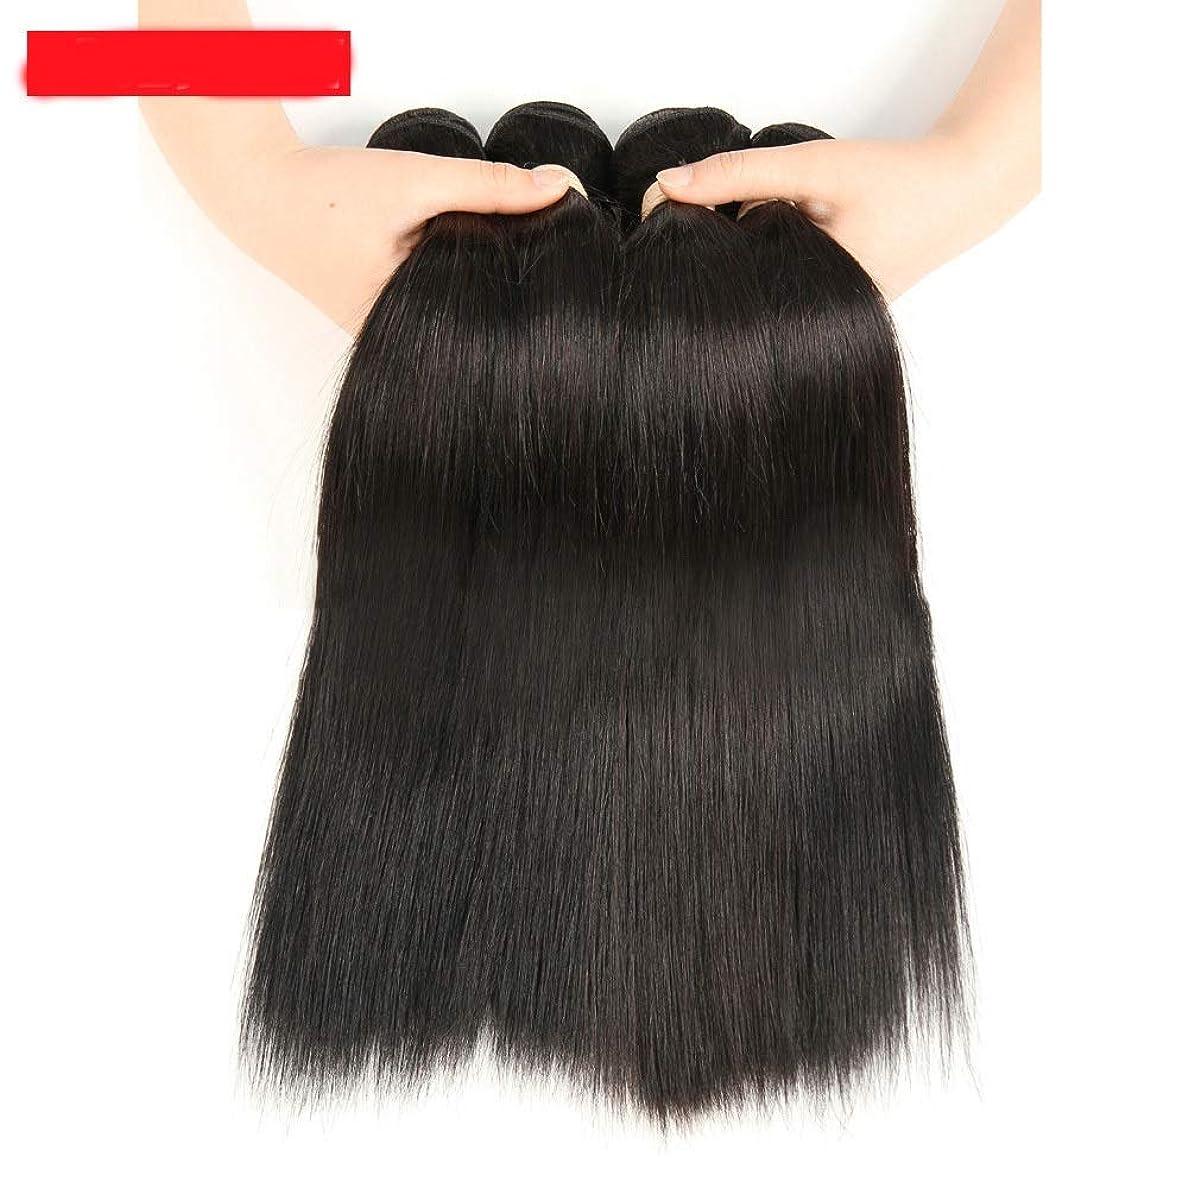 リマ印象派パシフィックYrattary 100%未処理のブラジル髪バンドルブラジルストレート人間の髪の毛1バンドルナチュラルブラックカラー10-28インチ、100g (色 : 黒, サイズ : 14 inch)